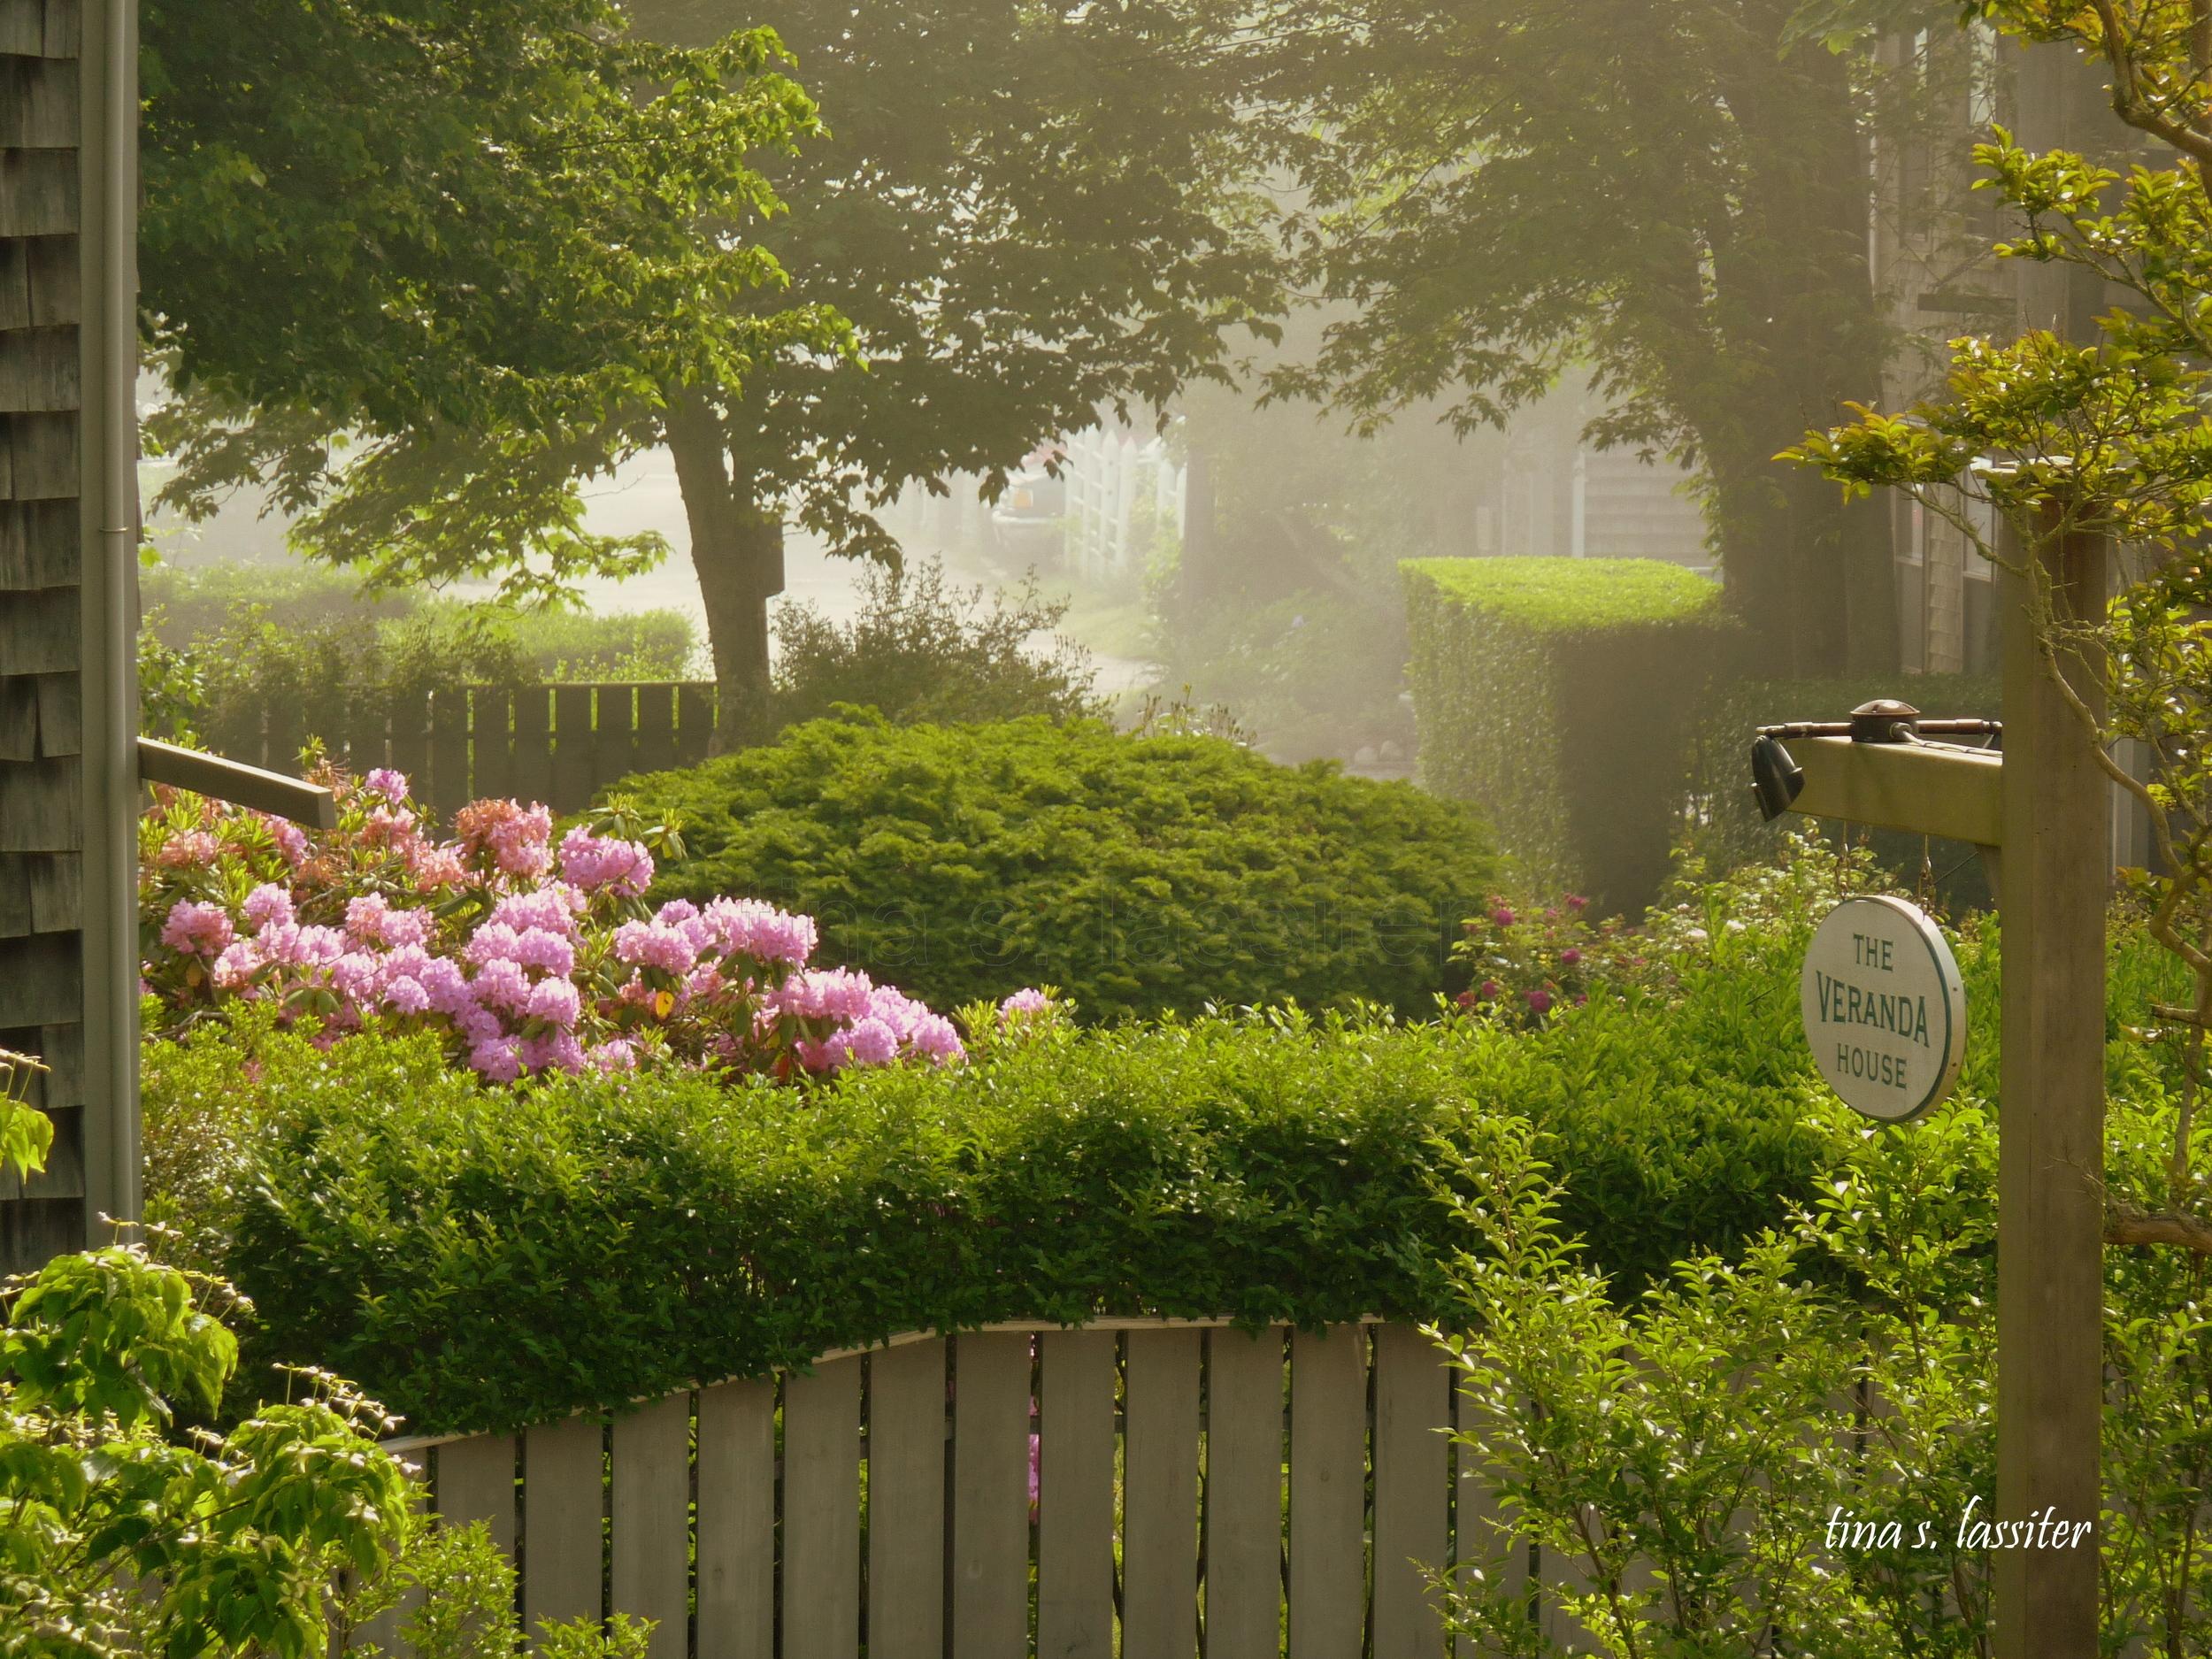 veranda hotel garden in fog